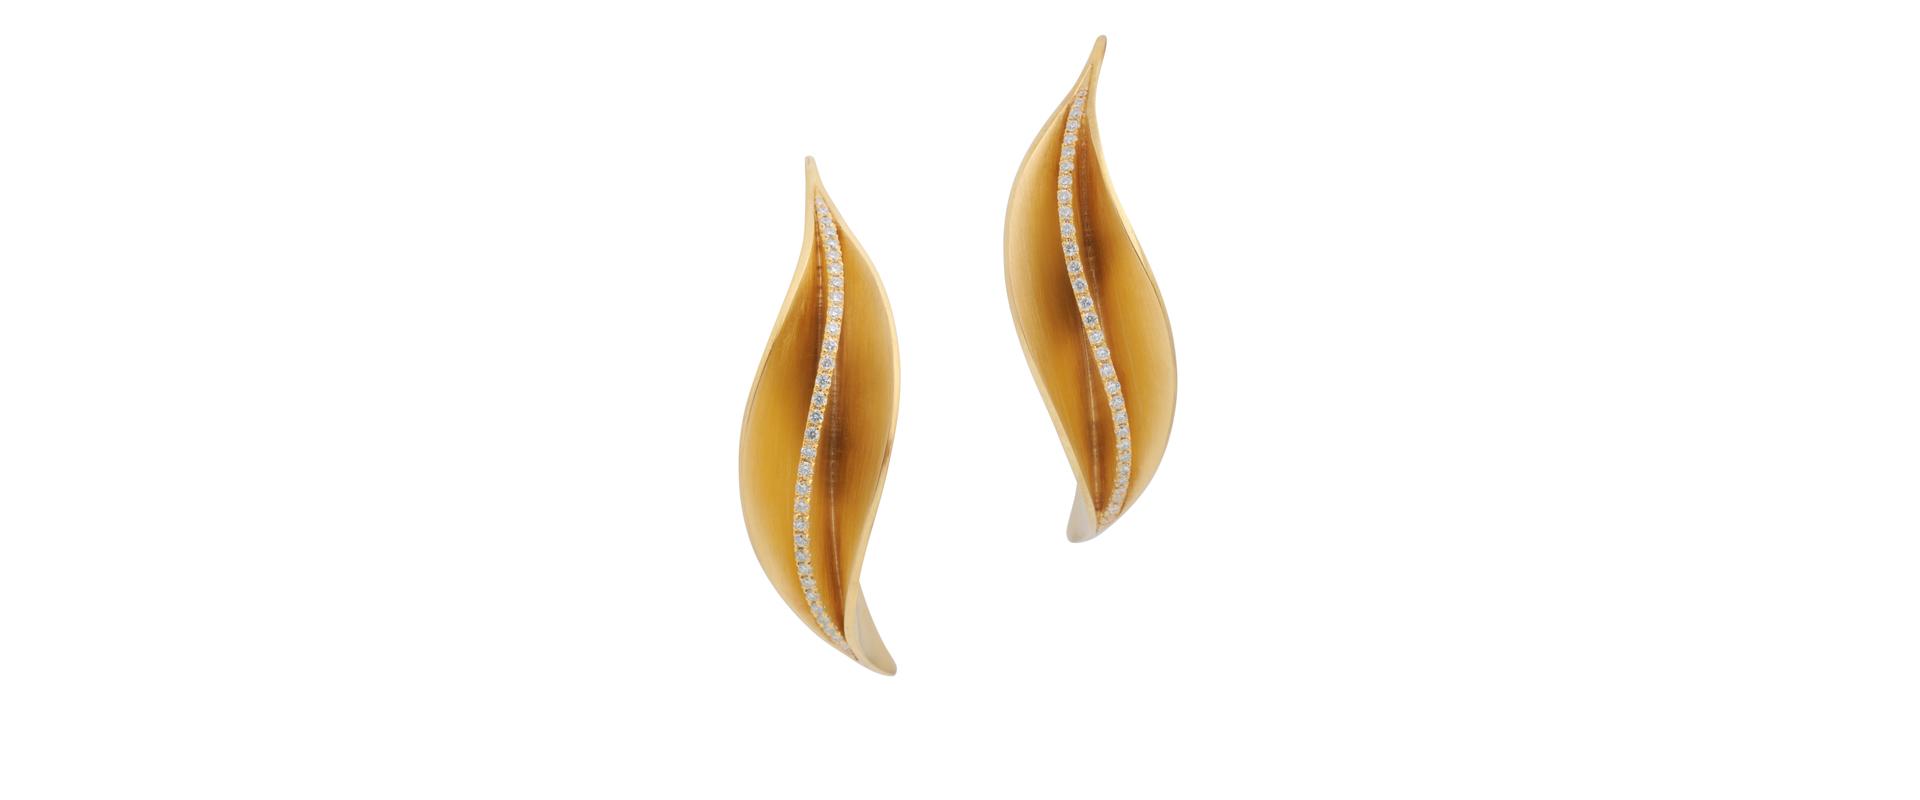 anti-clastic forged yellow gold Calla Diamond earrings